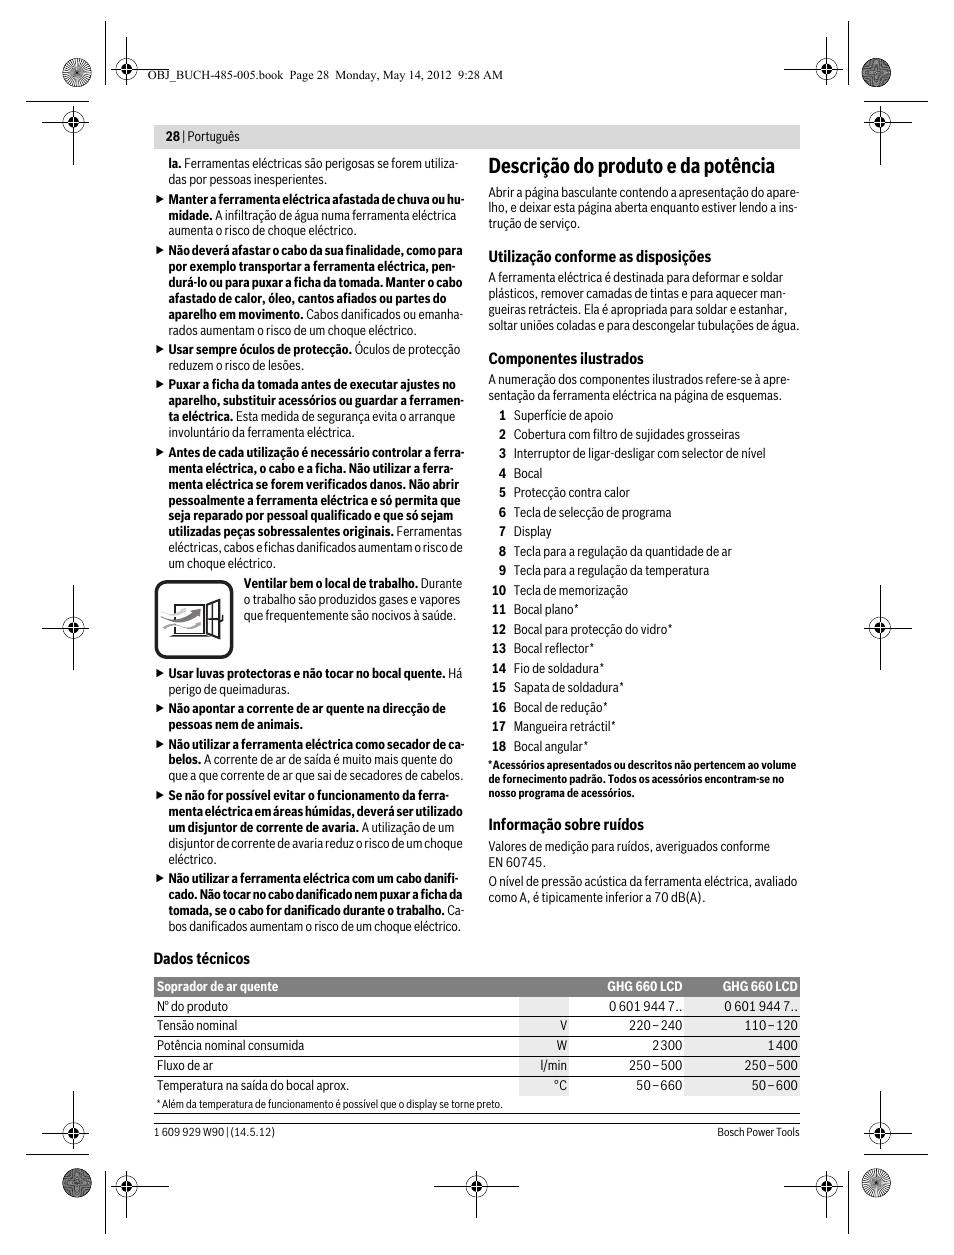 Descrição do produto e da potência | Bosch GHG 660 LCD Professional User  Manual | Page